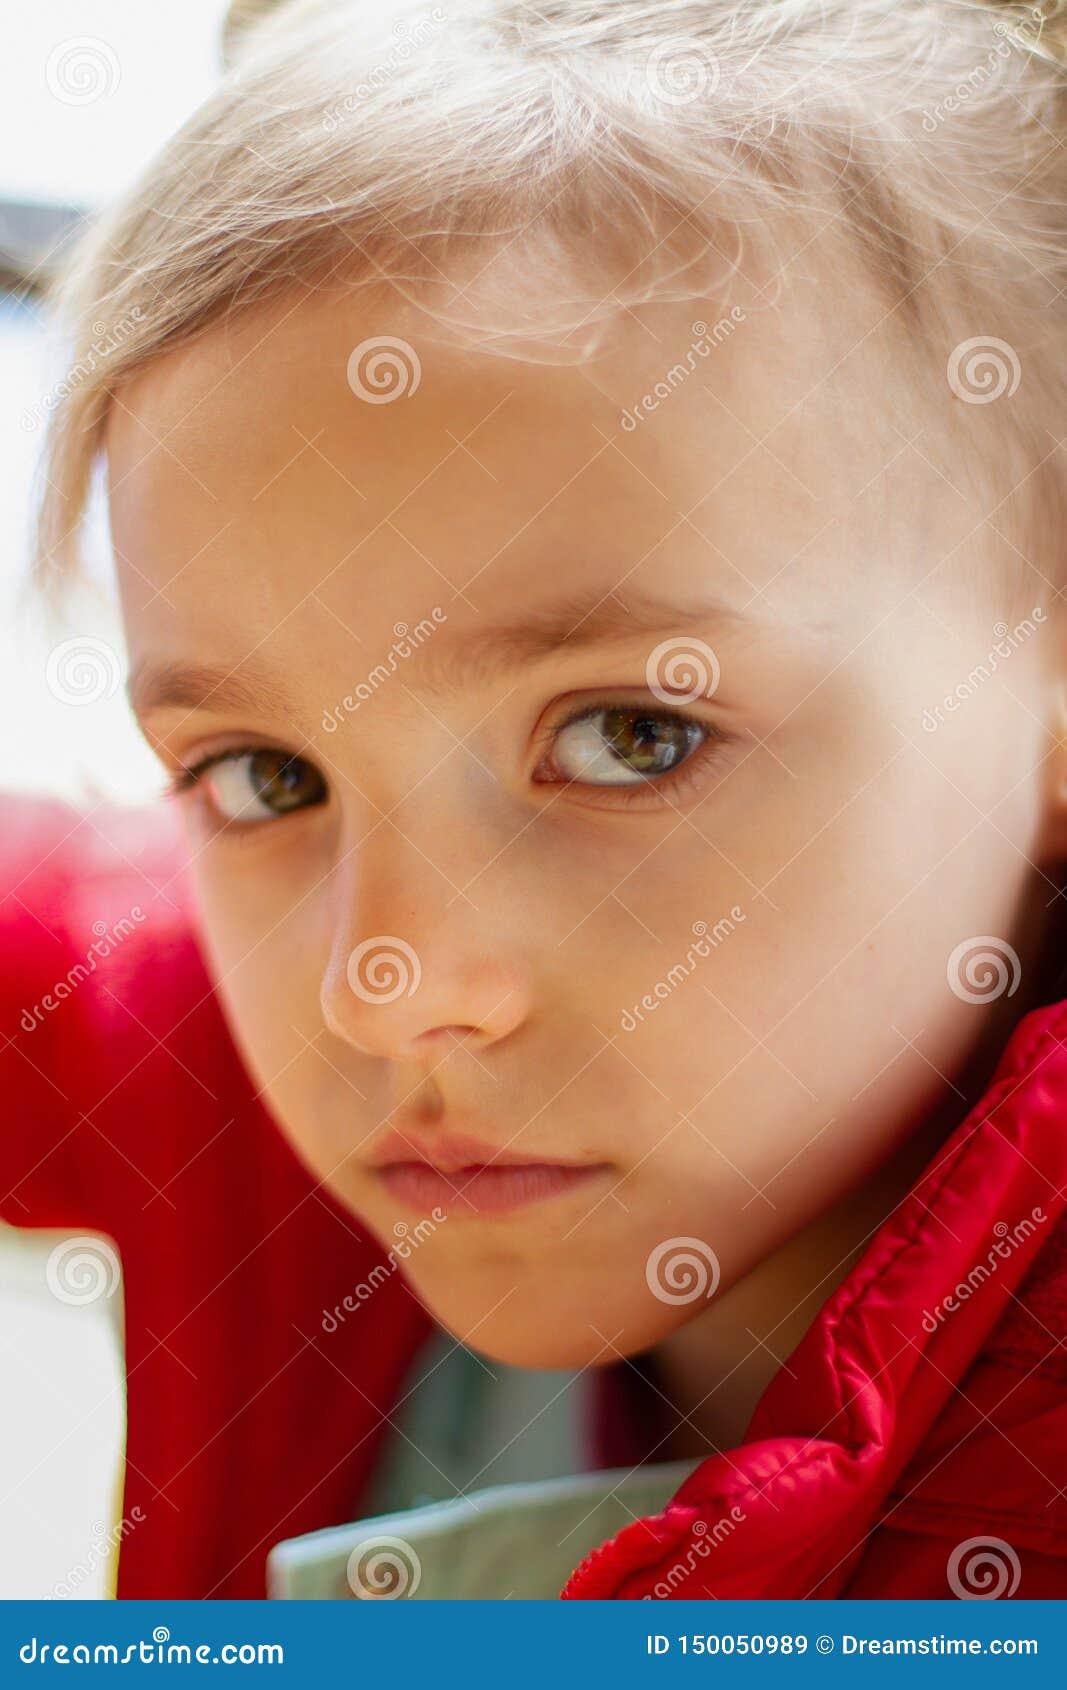 Το μικρό κορίτσι φαίνεται λυπημένο με τα μεγάλα μάτια